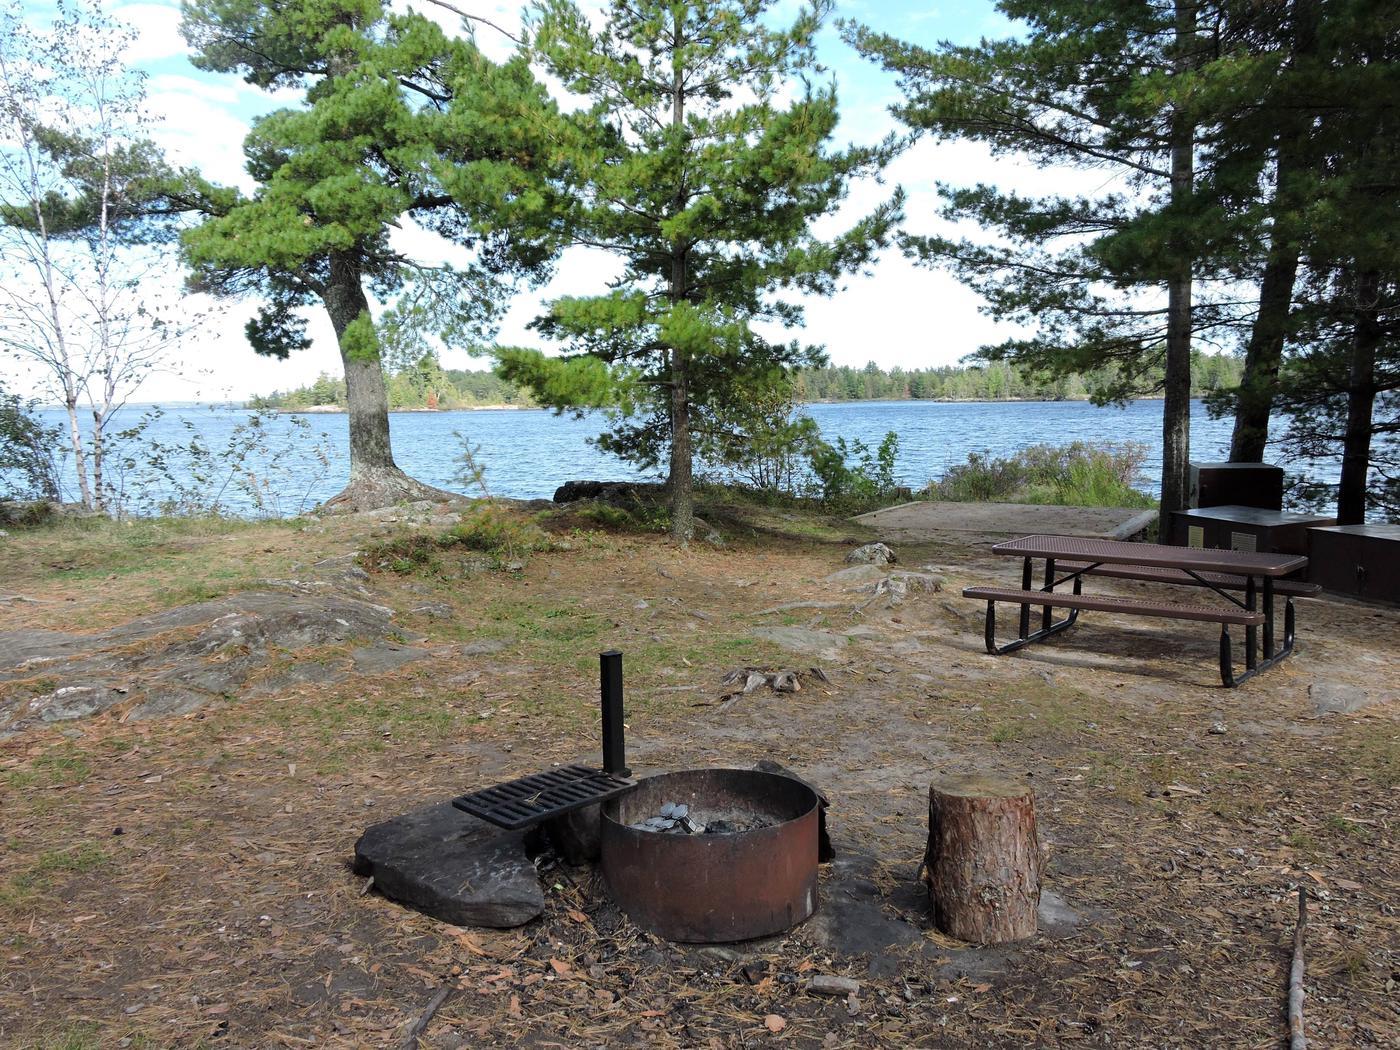 R62 - Krantz PointR62 - Krantz Point campsite on Rainy Lake